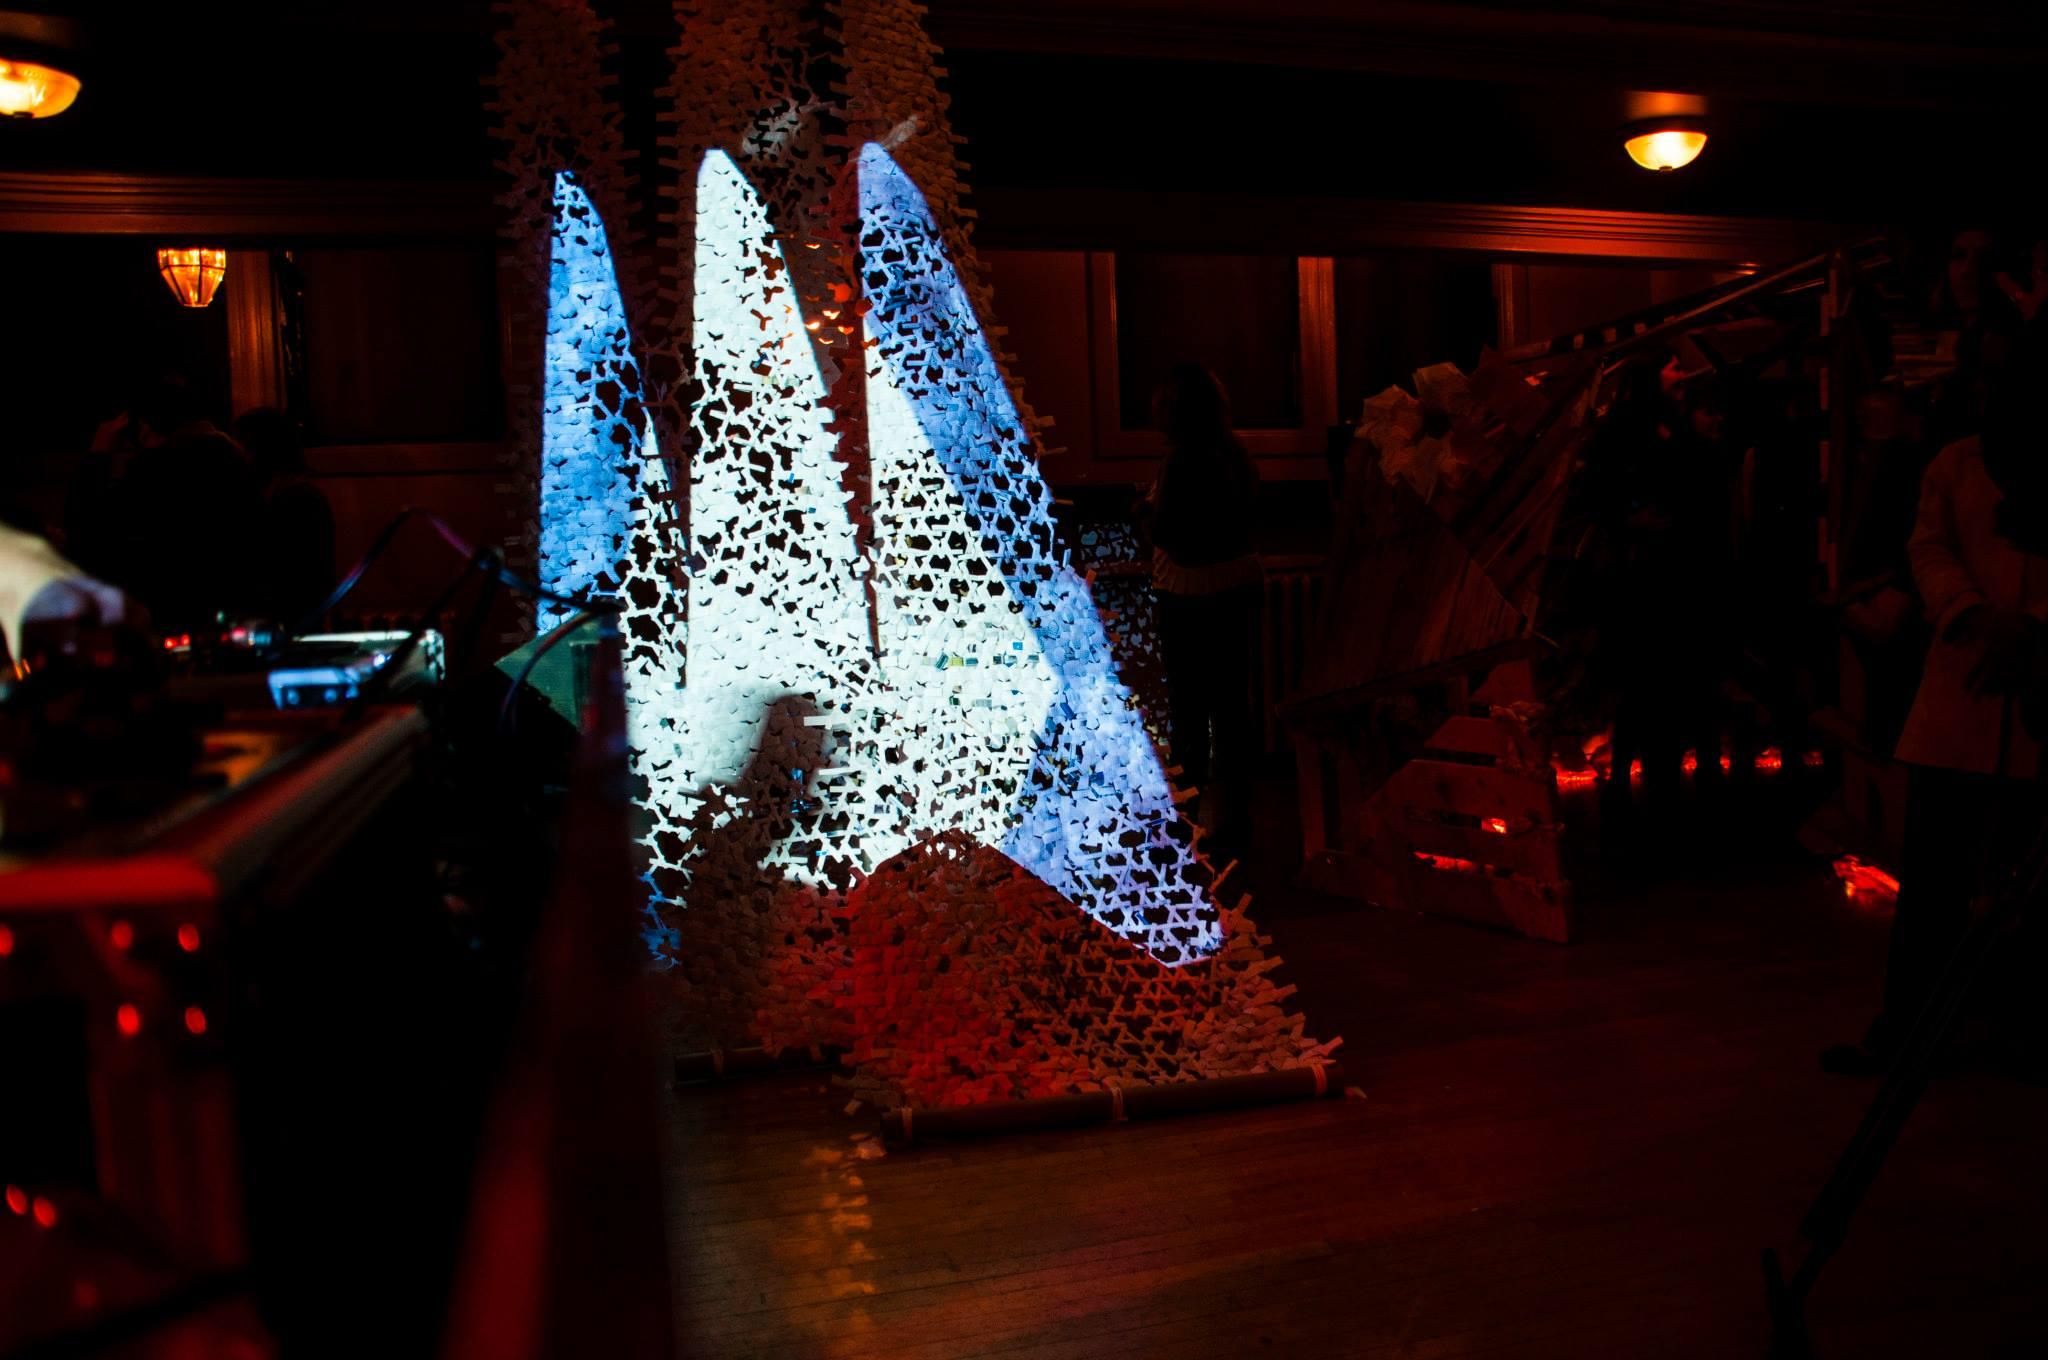 Illuminous by Evan Brock and Mona Dai at PULP 2014